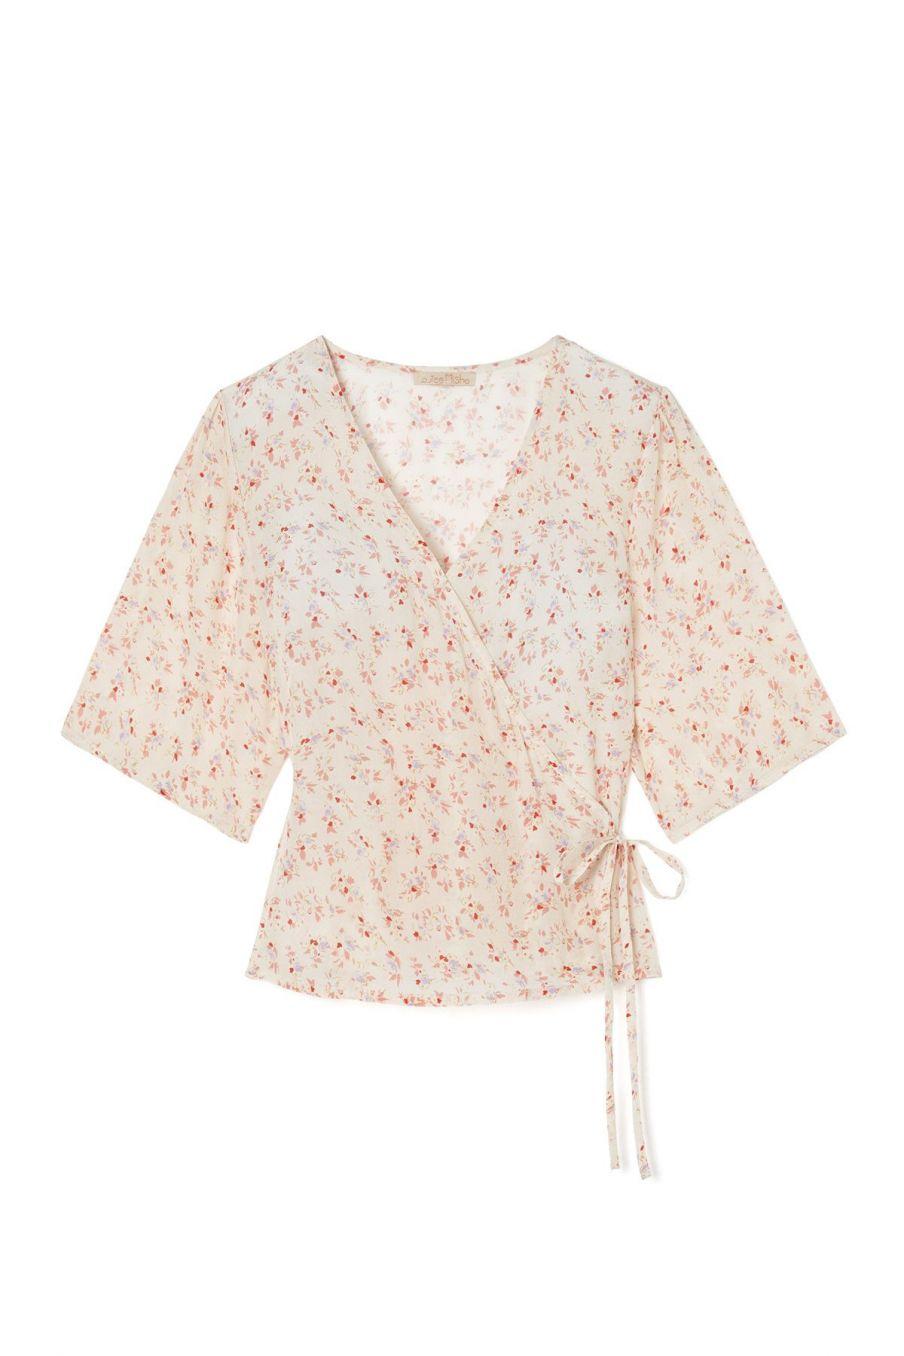 boheme chic vintage blouse femme roseville cream blossom